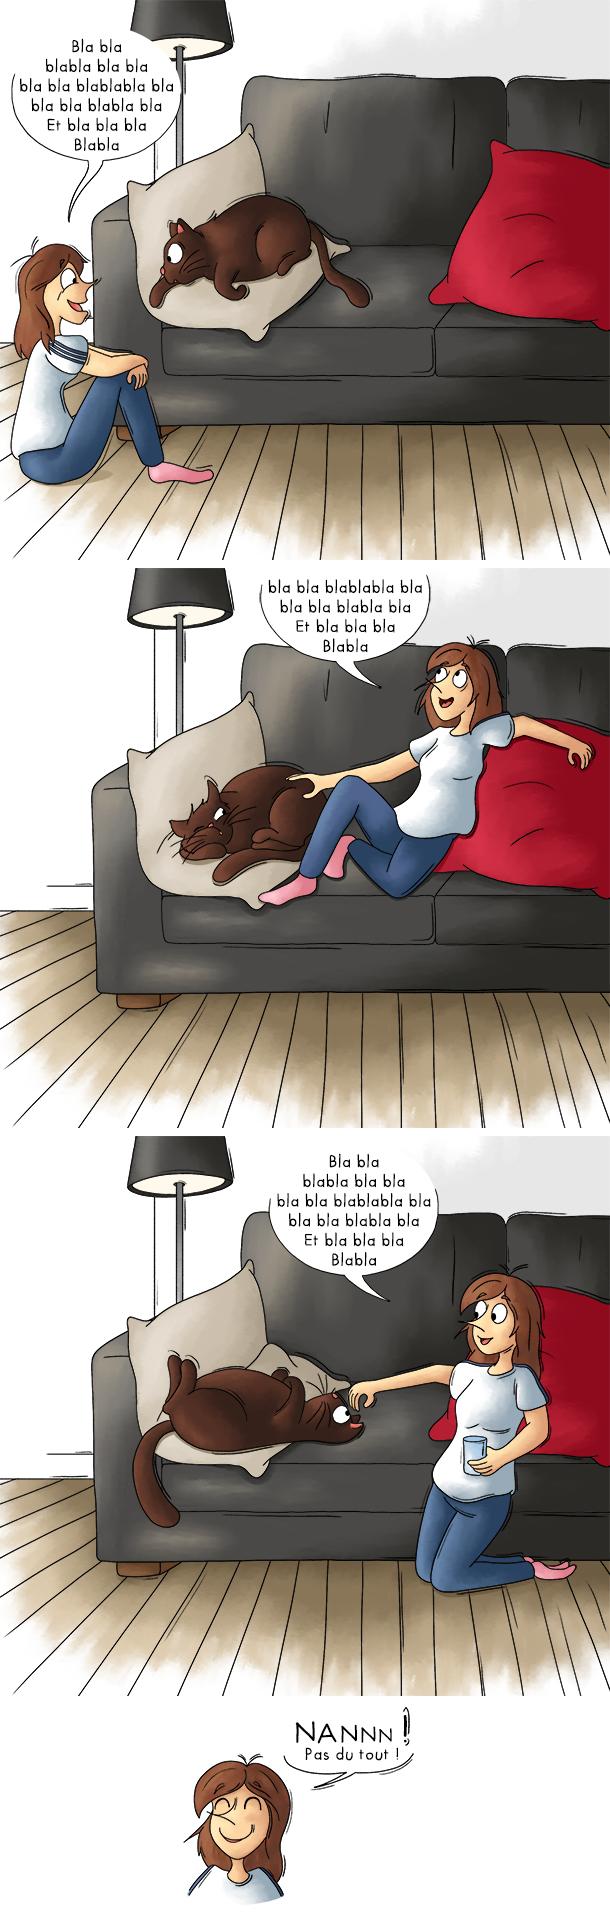 Parler toute seule, parler à son chat